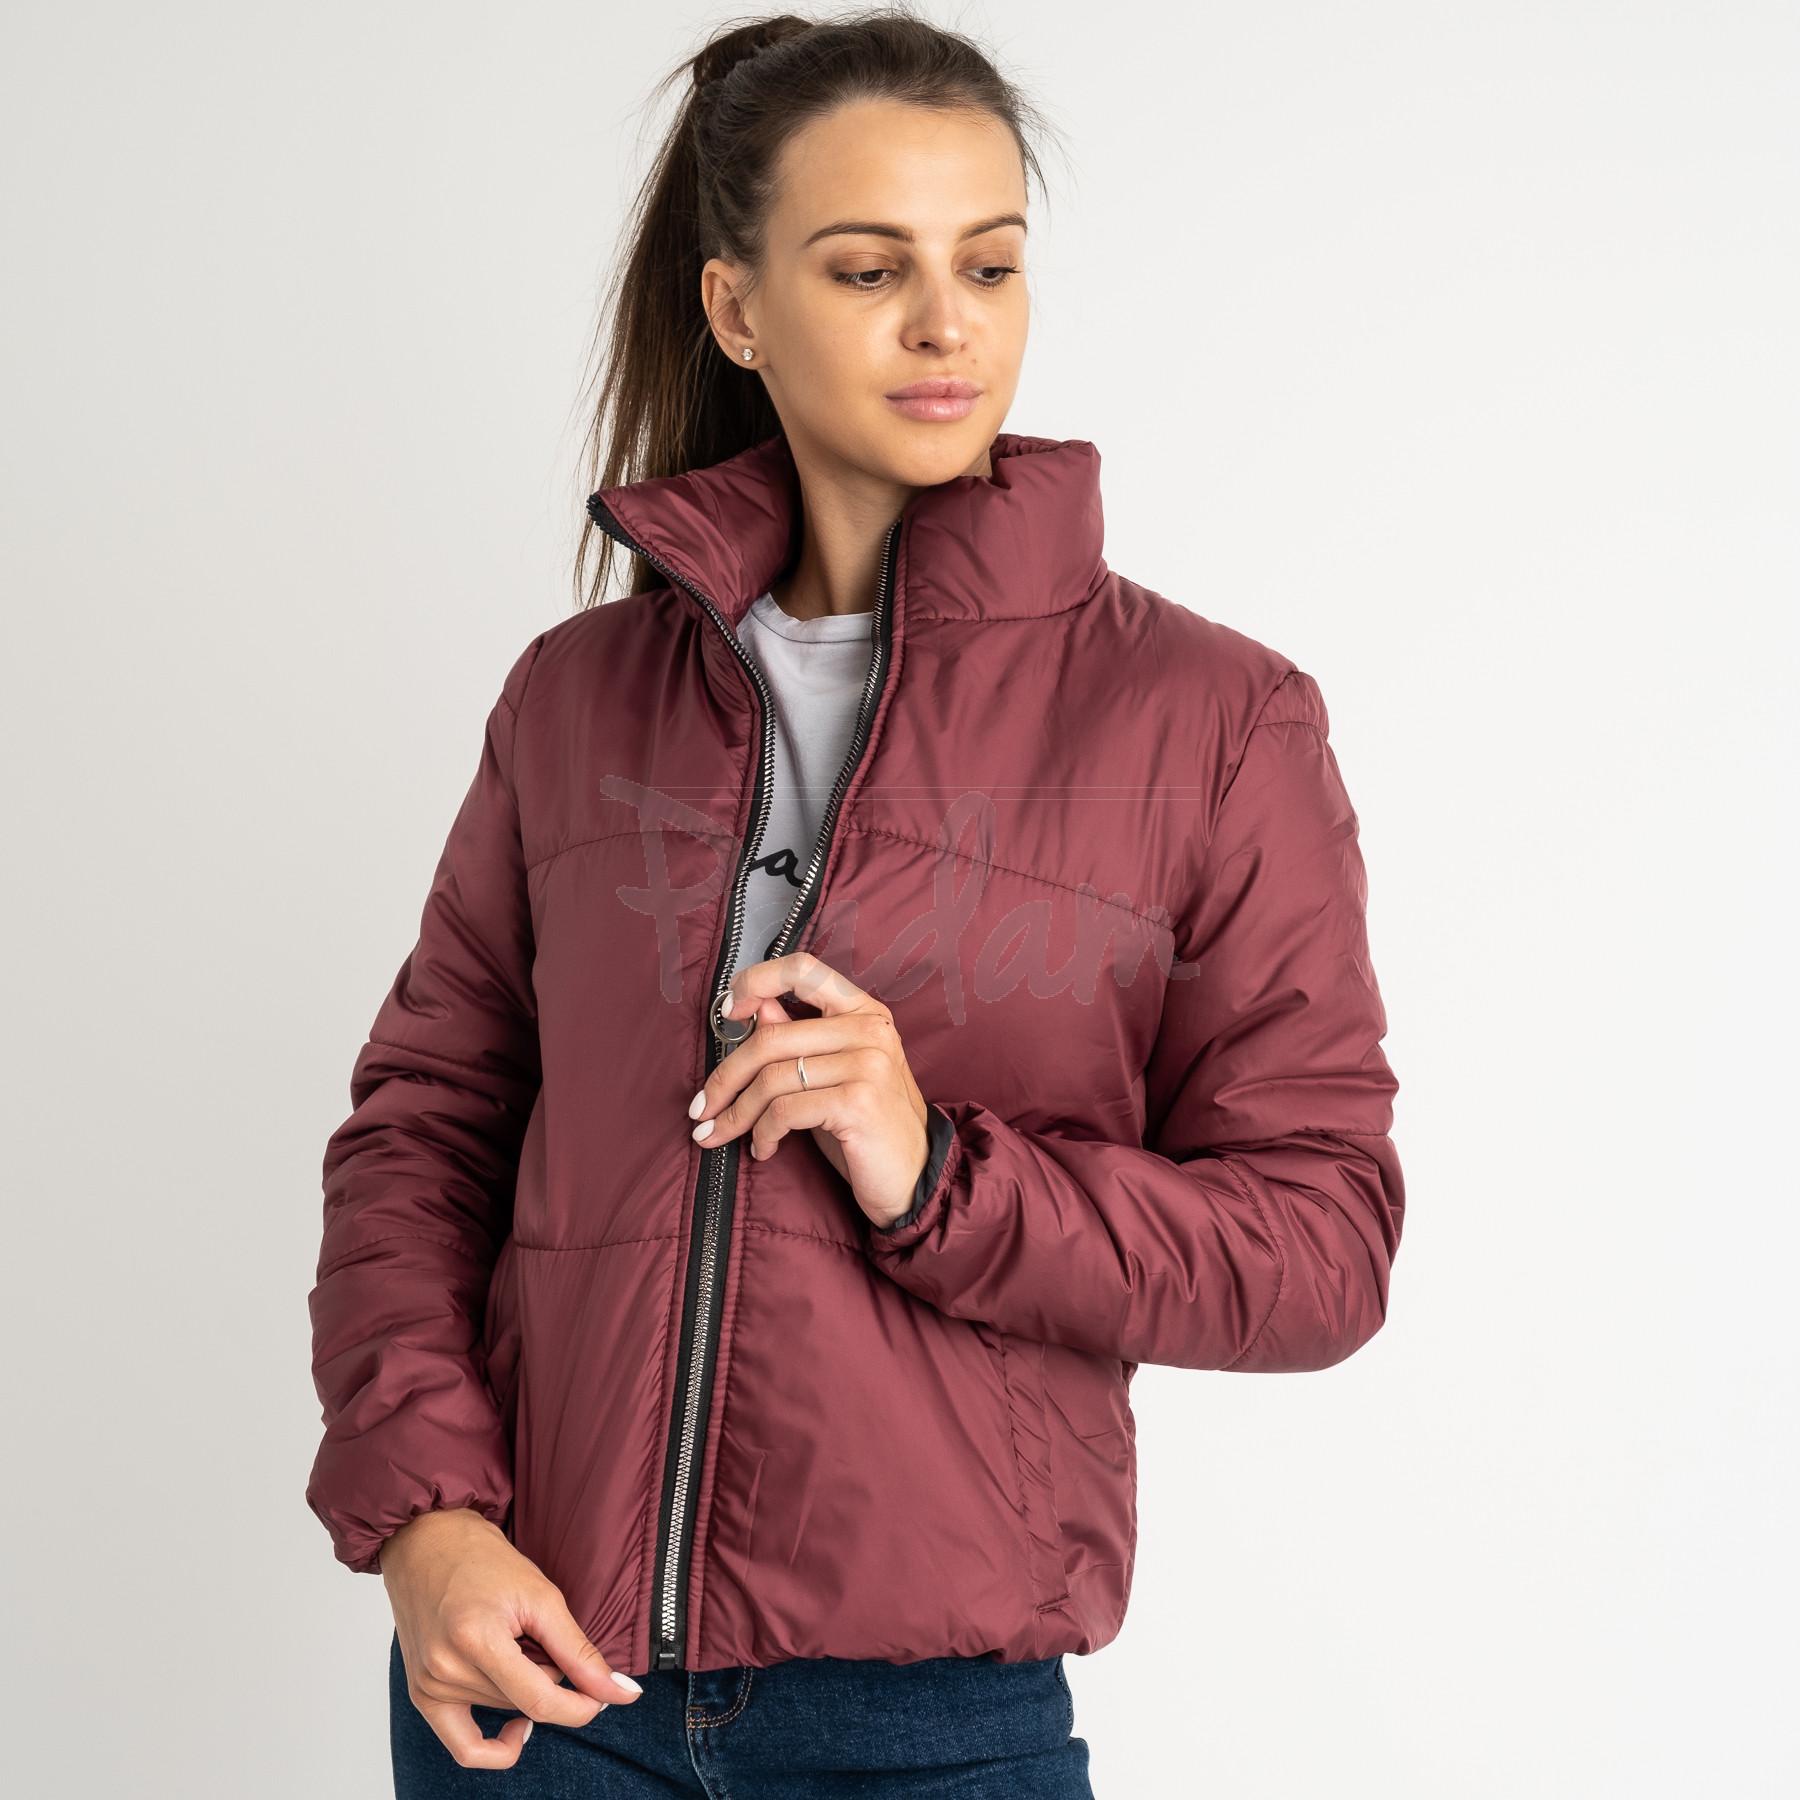 0410-5 бордовая куртка женская на синтепоне ( 3 ед. размеры : 42.44.46)